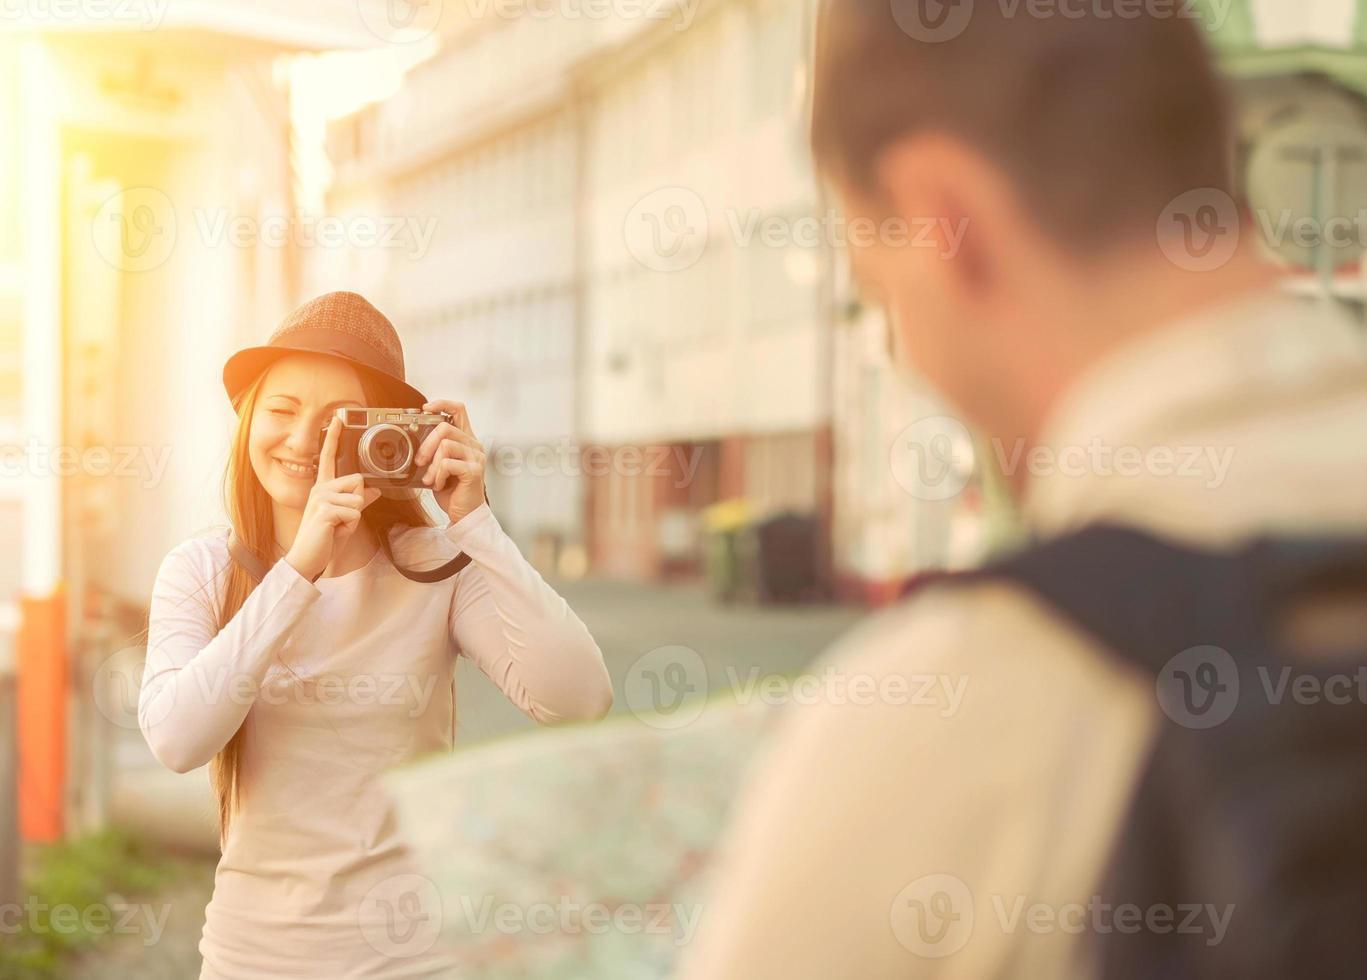 pareja turística mirando el mapa en las calles de la ciudad foto